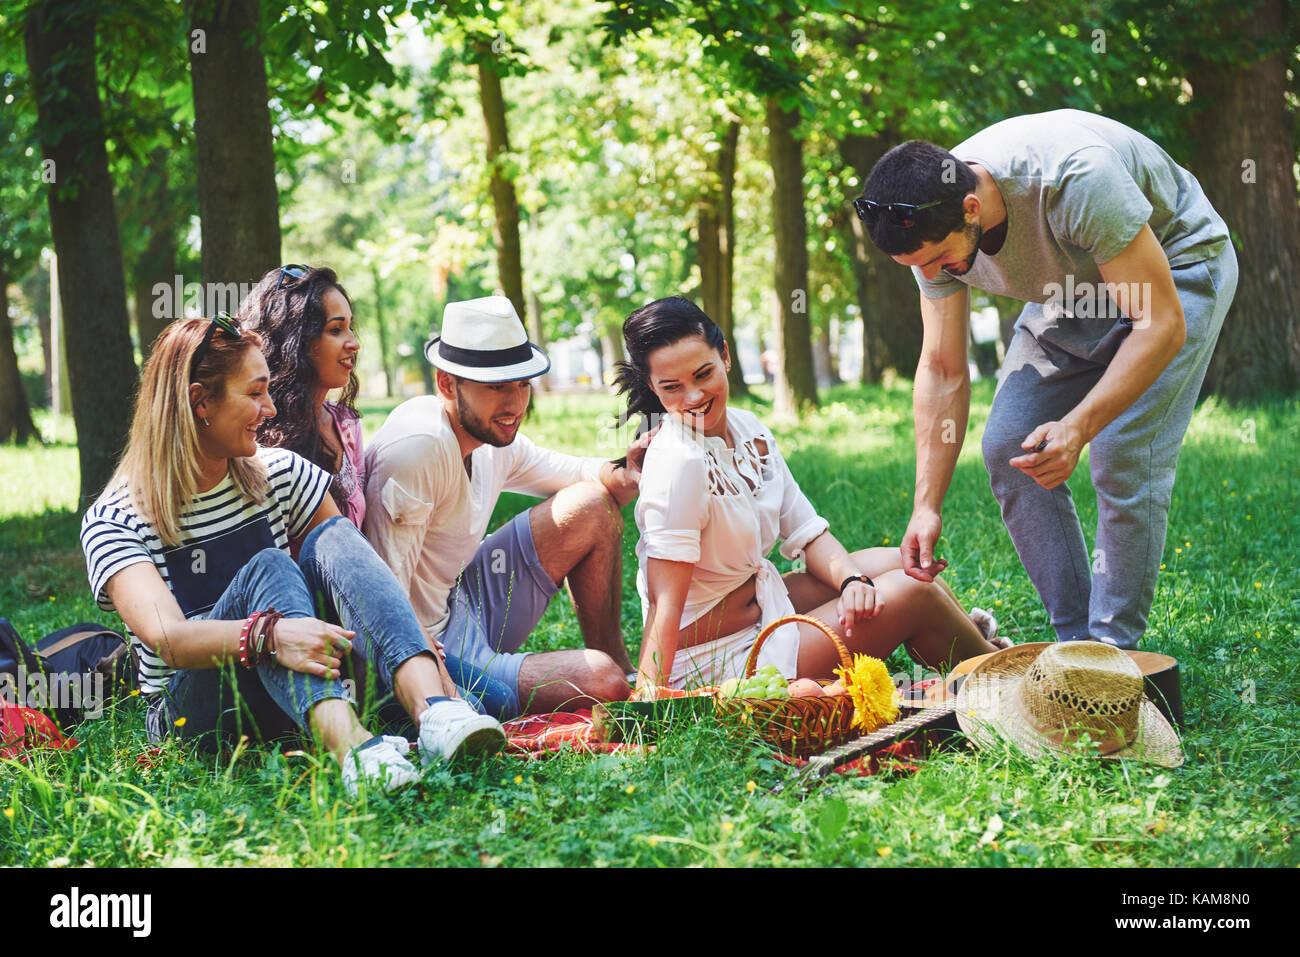 Gruppe von Freunden mit Picknick in einem Park an einem sonnigen Tag - Leute rumhängen, Spaß, Grillen und entspannen Stockfoto